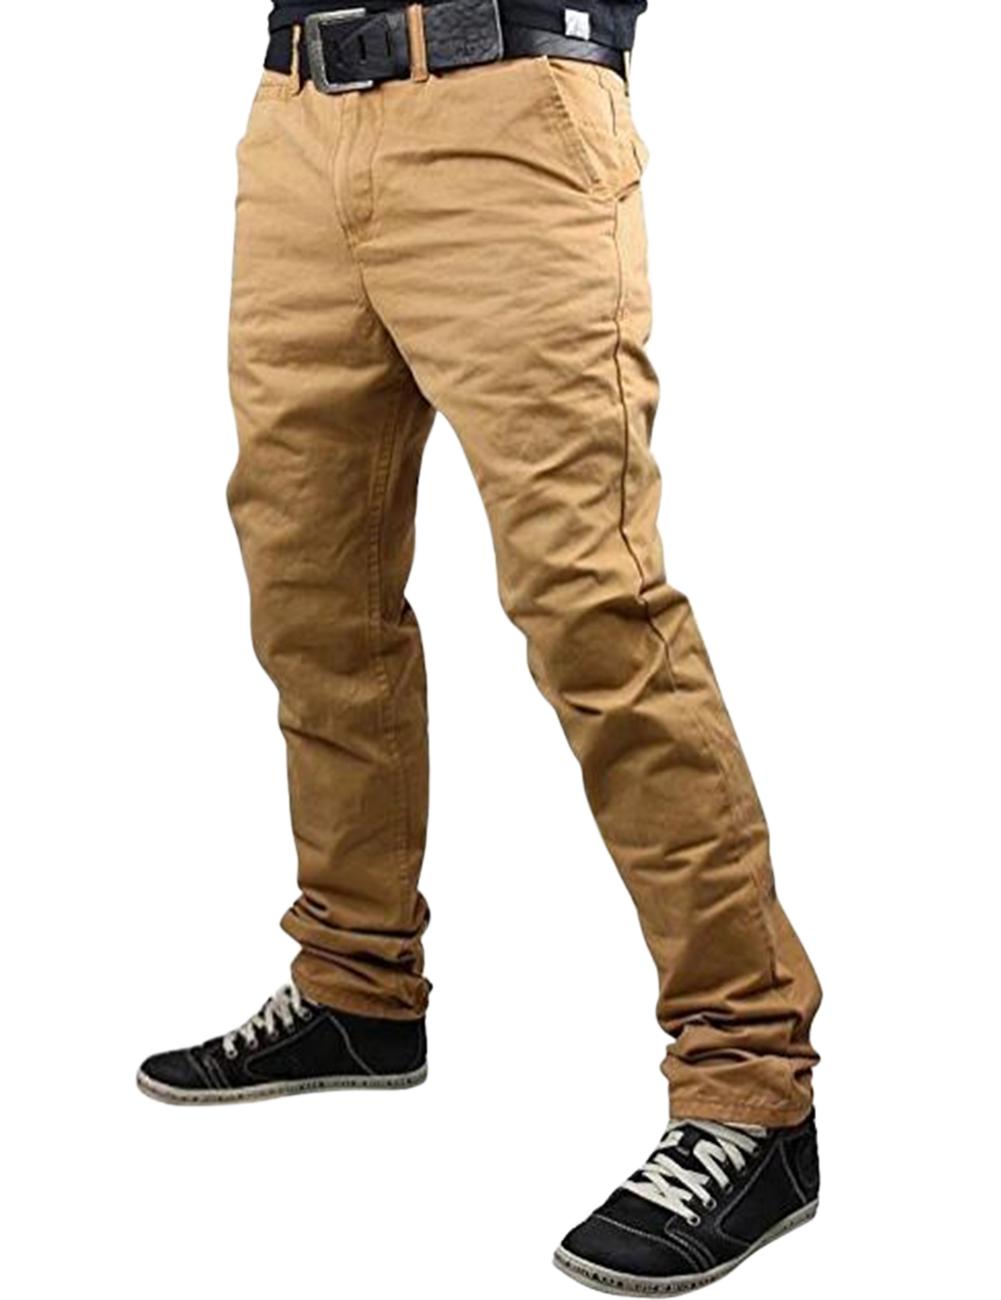 Fashionable Men Solid Color Trousers Business Straight-leg Pants Casual Cotton Pants Khaki_M